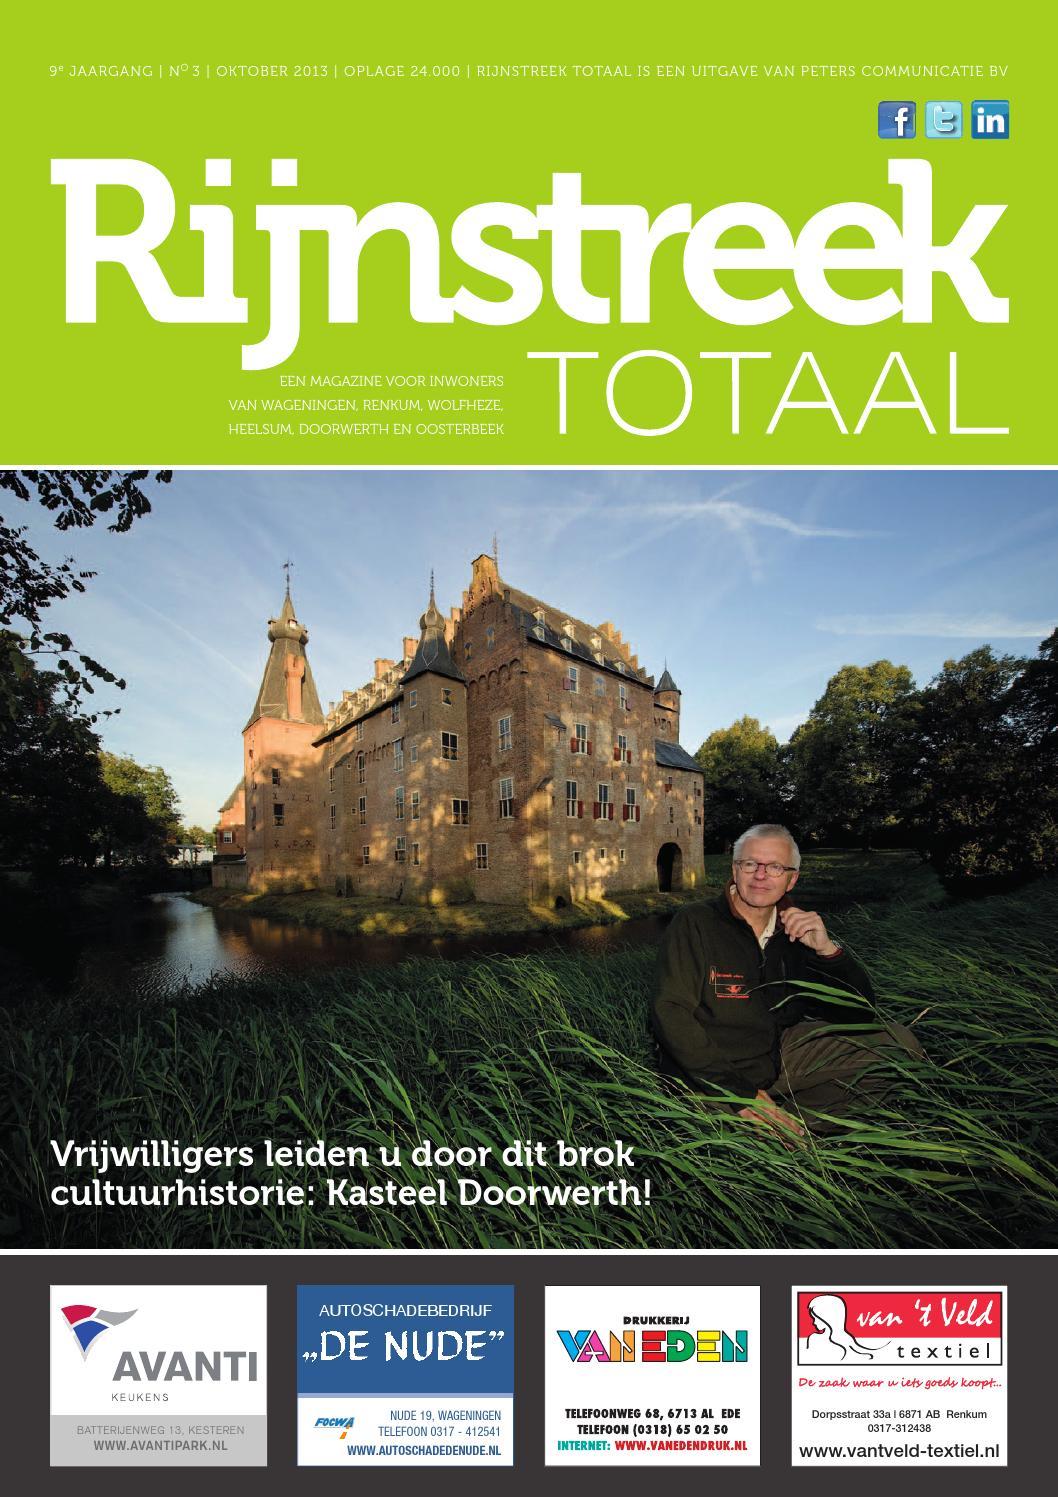 Rijnstreek totaal oktober 2013 online by Peters Communicatie - issuu